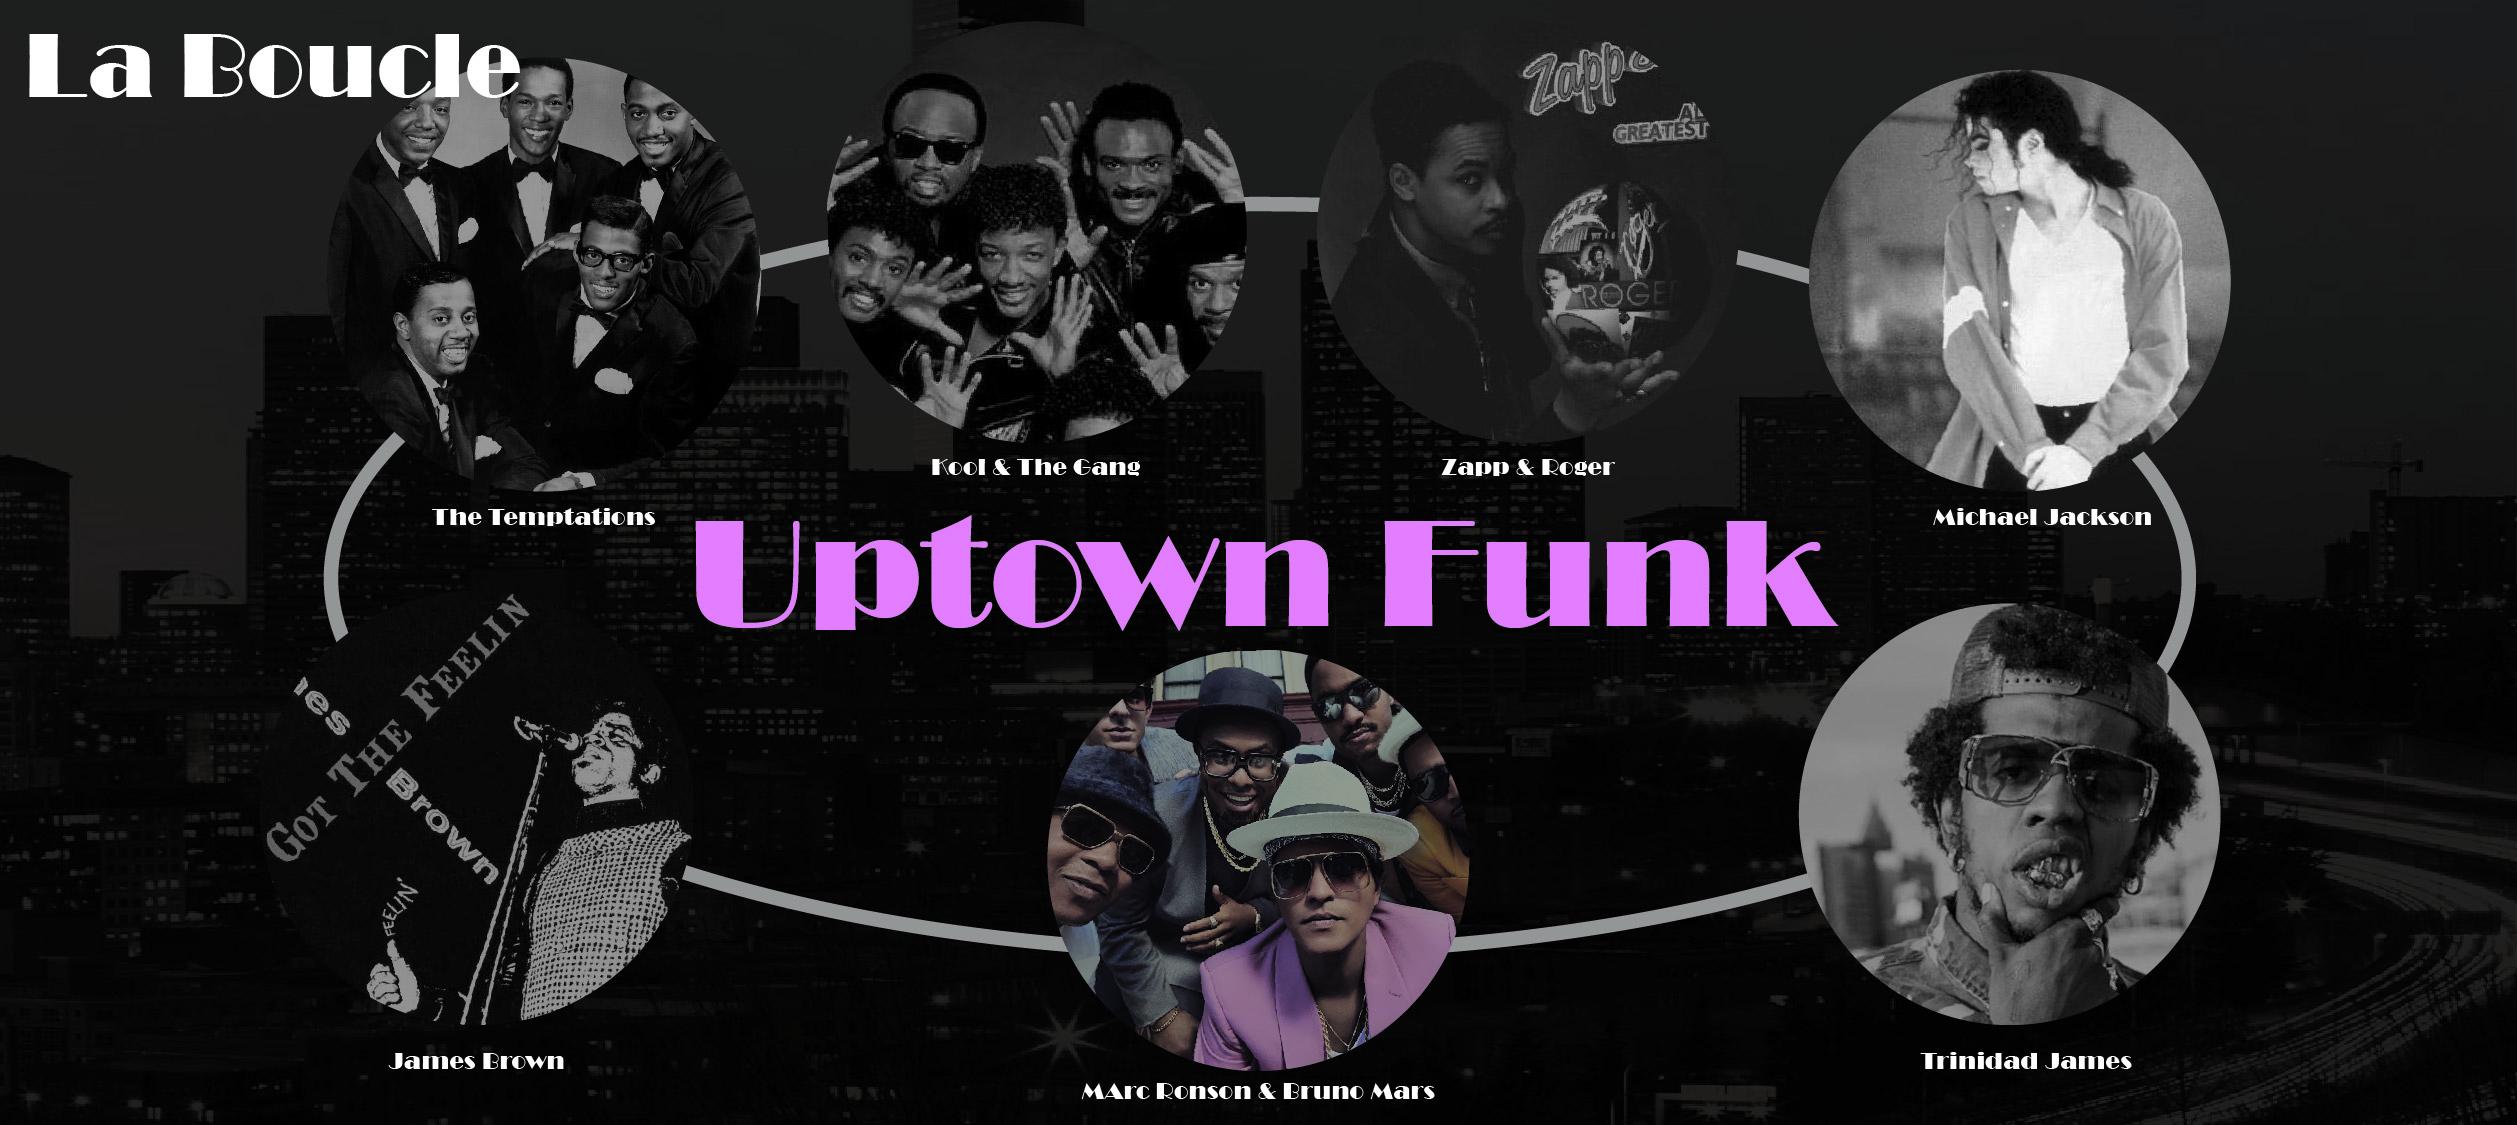 La Boucle Uptown Funk